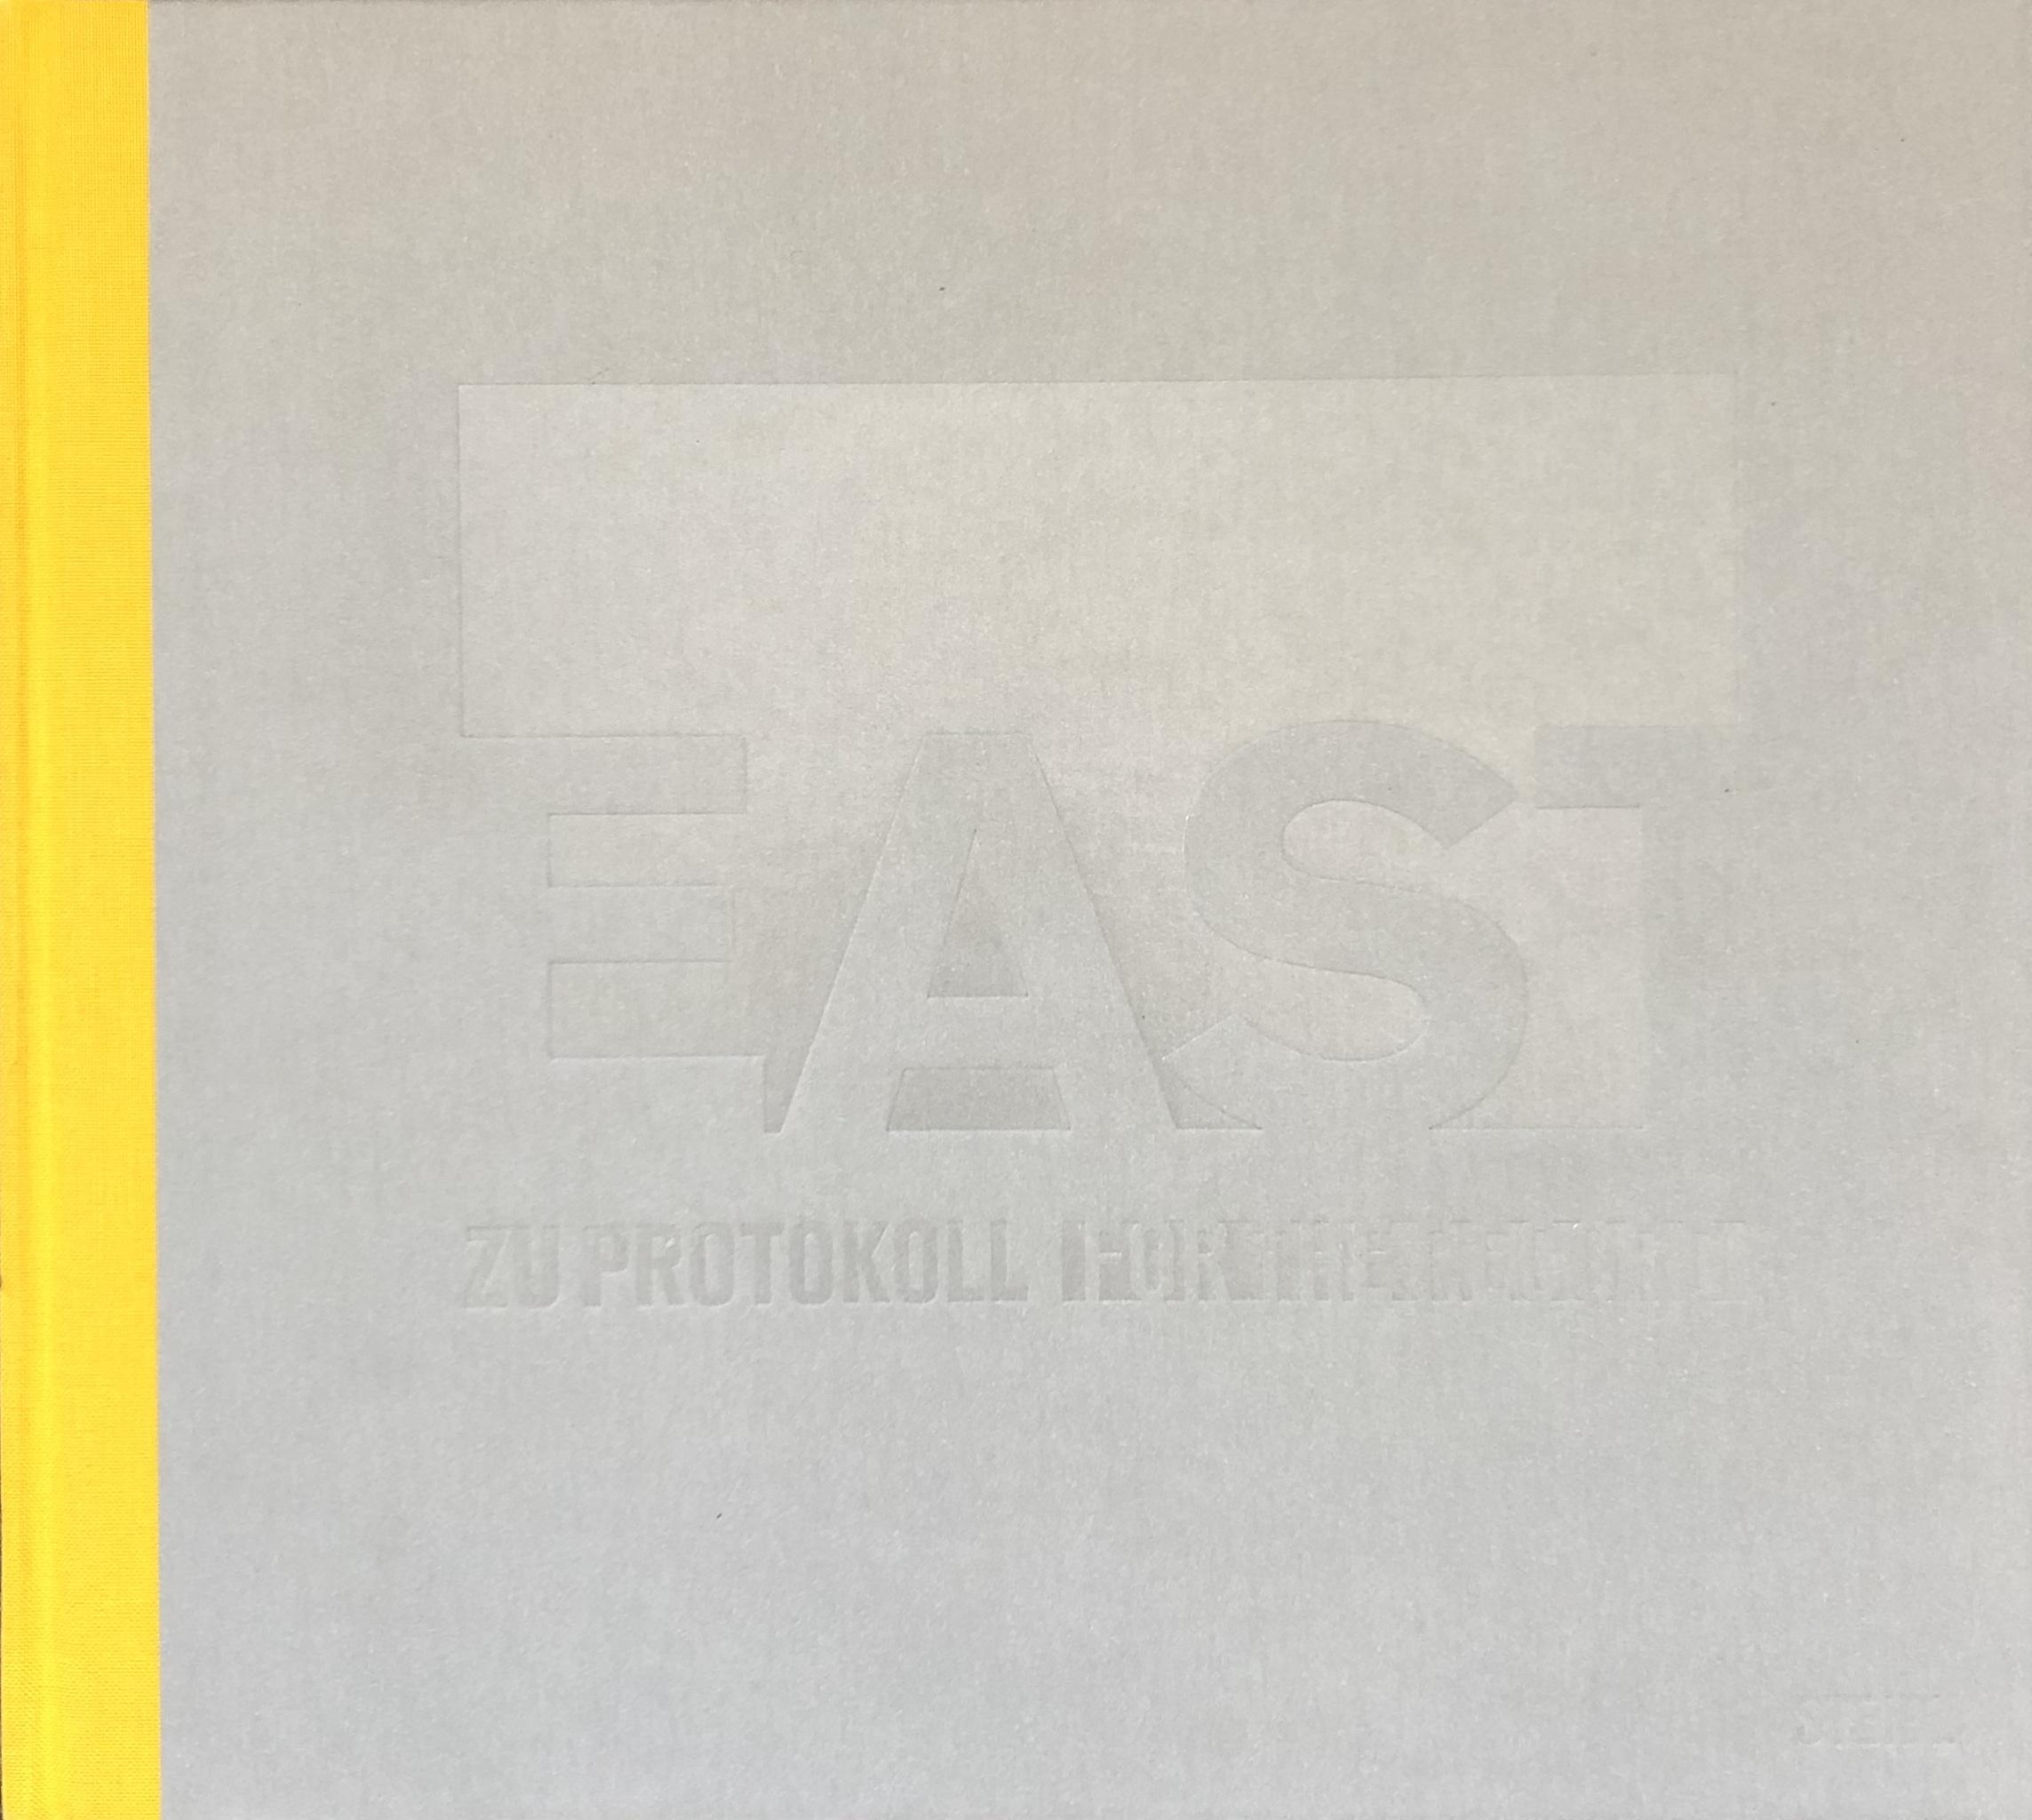 EAST_Zu_Protokoll